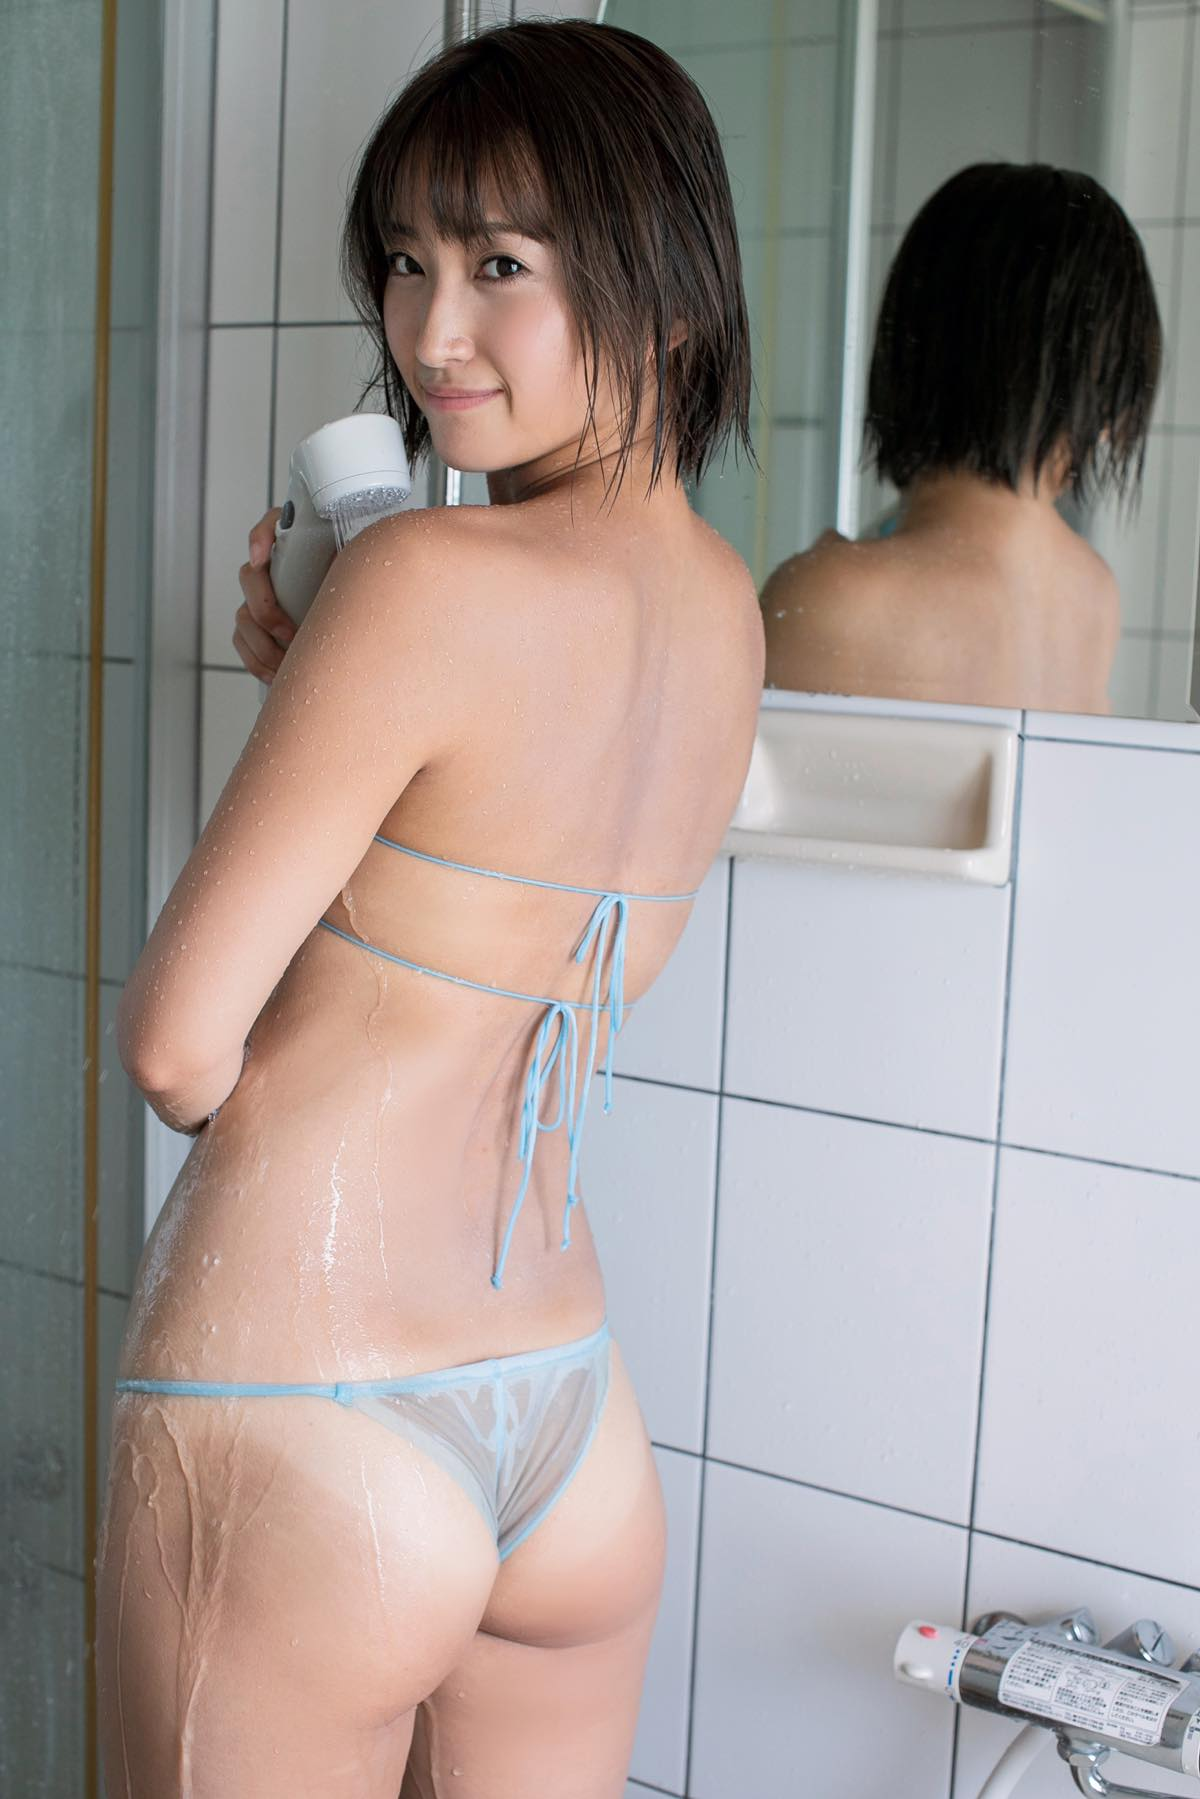 宮崎華帆「5倍エロい」元クラブママが限界セクシー!【写真7枚】の画像004